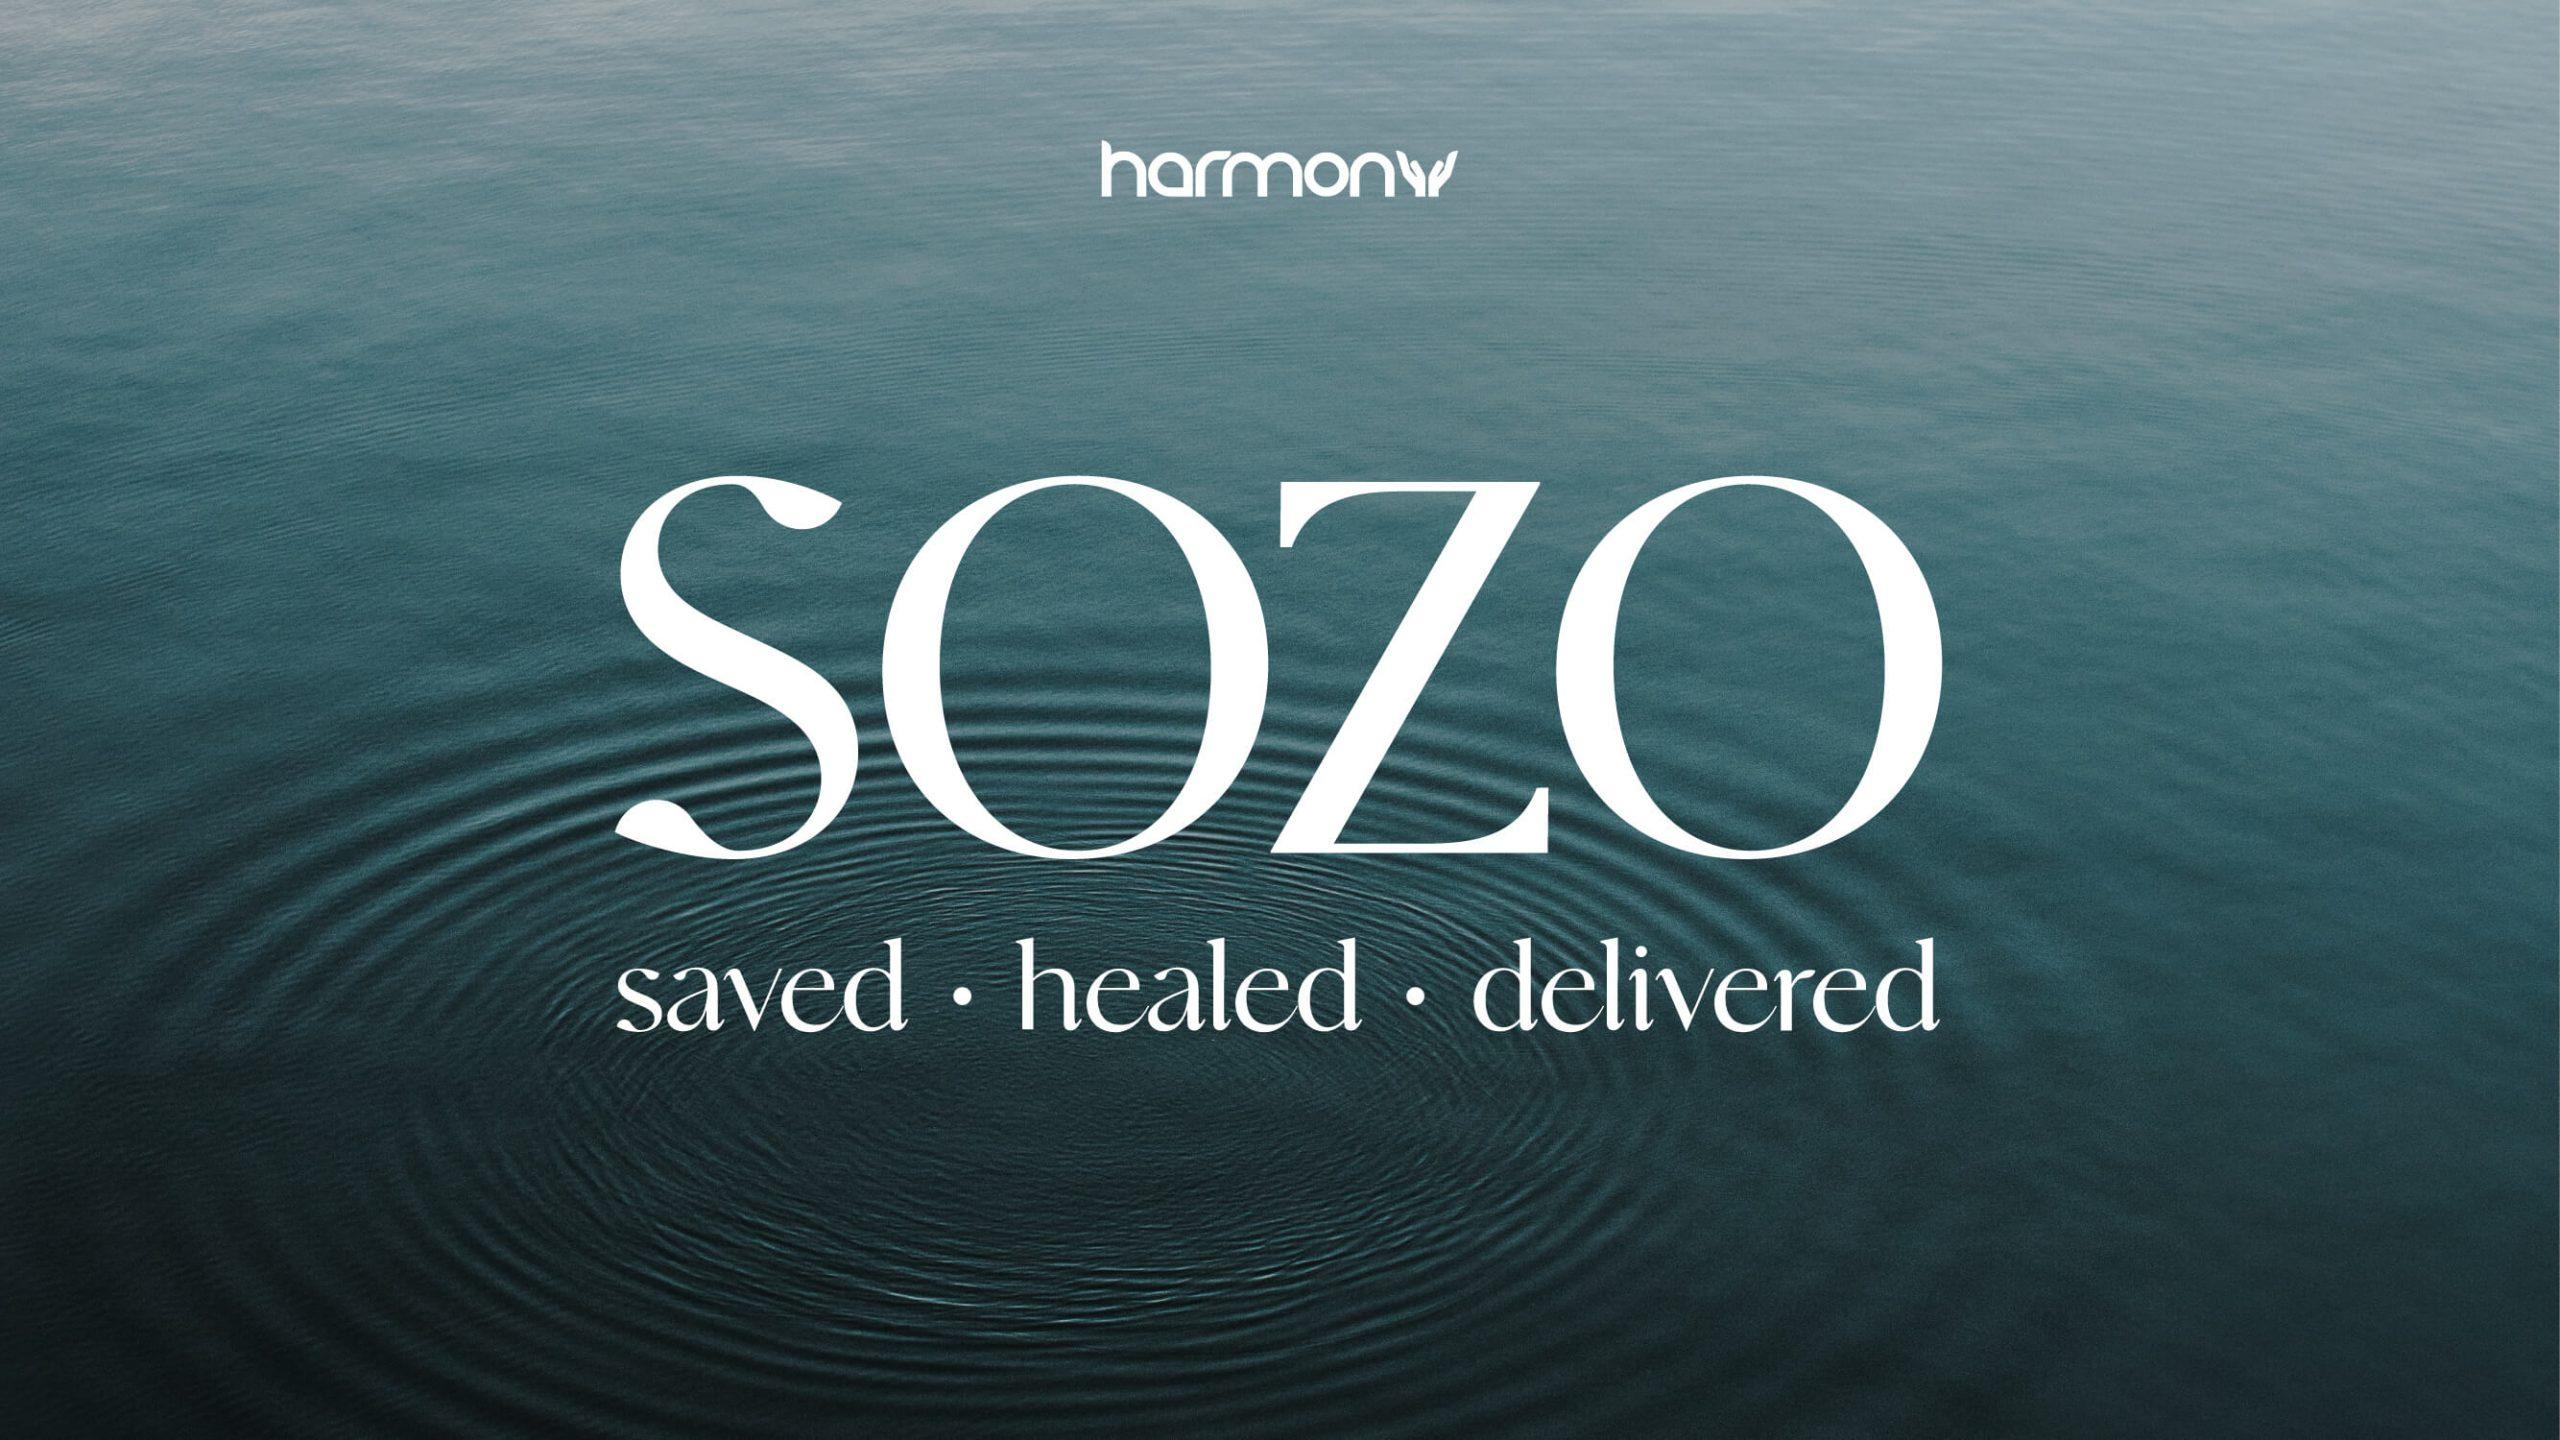 Sozo at Harmony